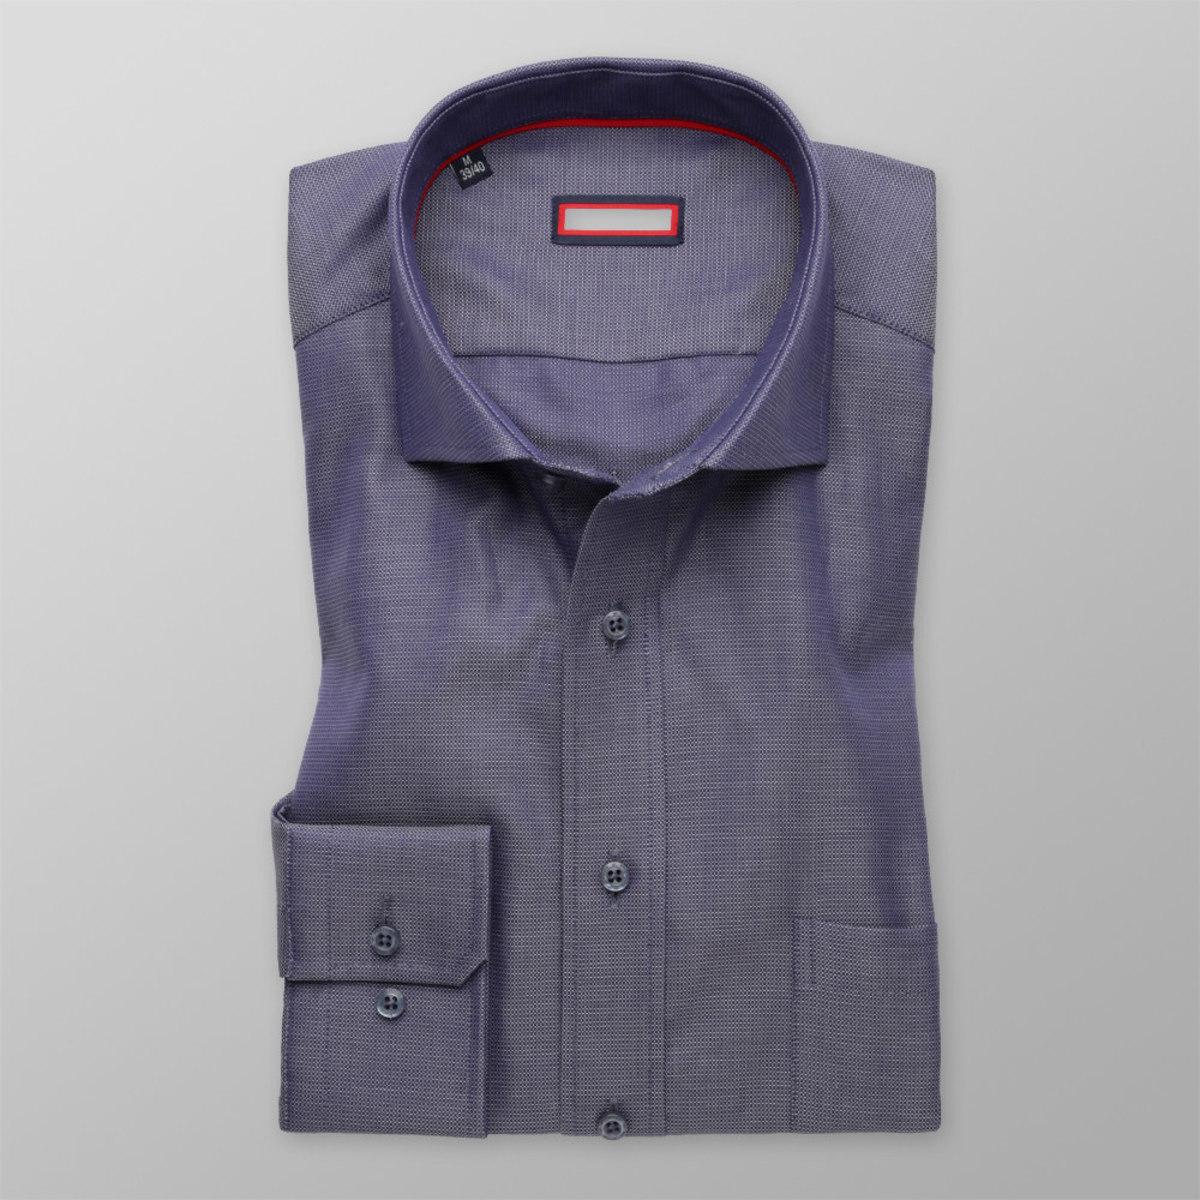 Pánská slim fit košile (výška 176-182) 8628 v šedomodré barvě 176-182 / M (39/40)